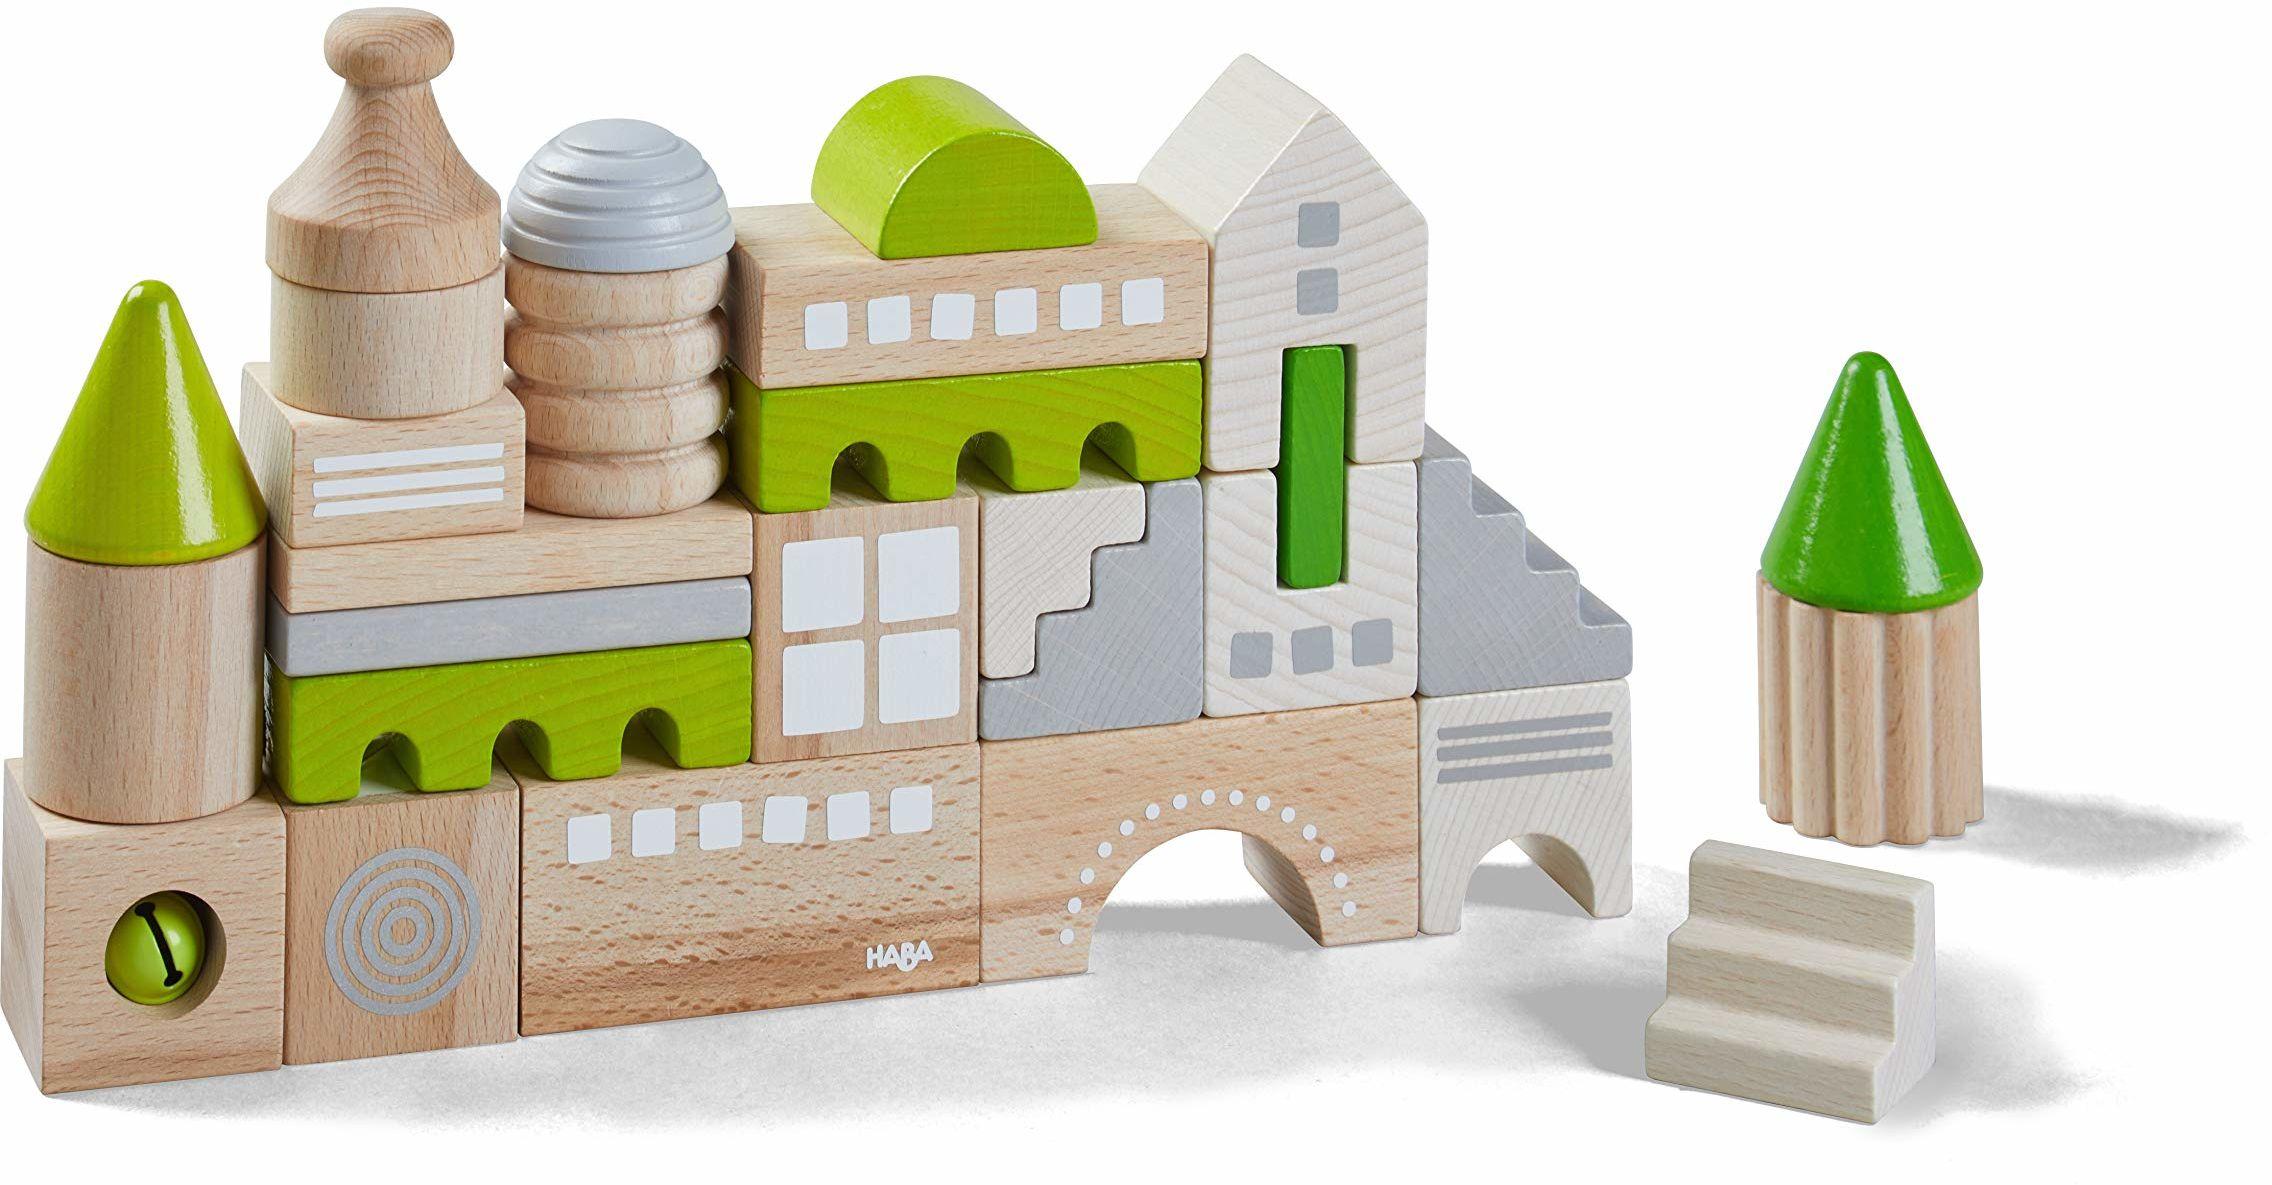 HABA 305456  klocki Coburg, 28-częściowy zestaw klocków do budowania ulic miejskich, drewnianych klocków w różnych kształtach i kolorach, zabawka od 18 miesięcy